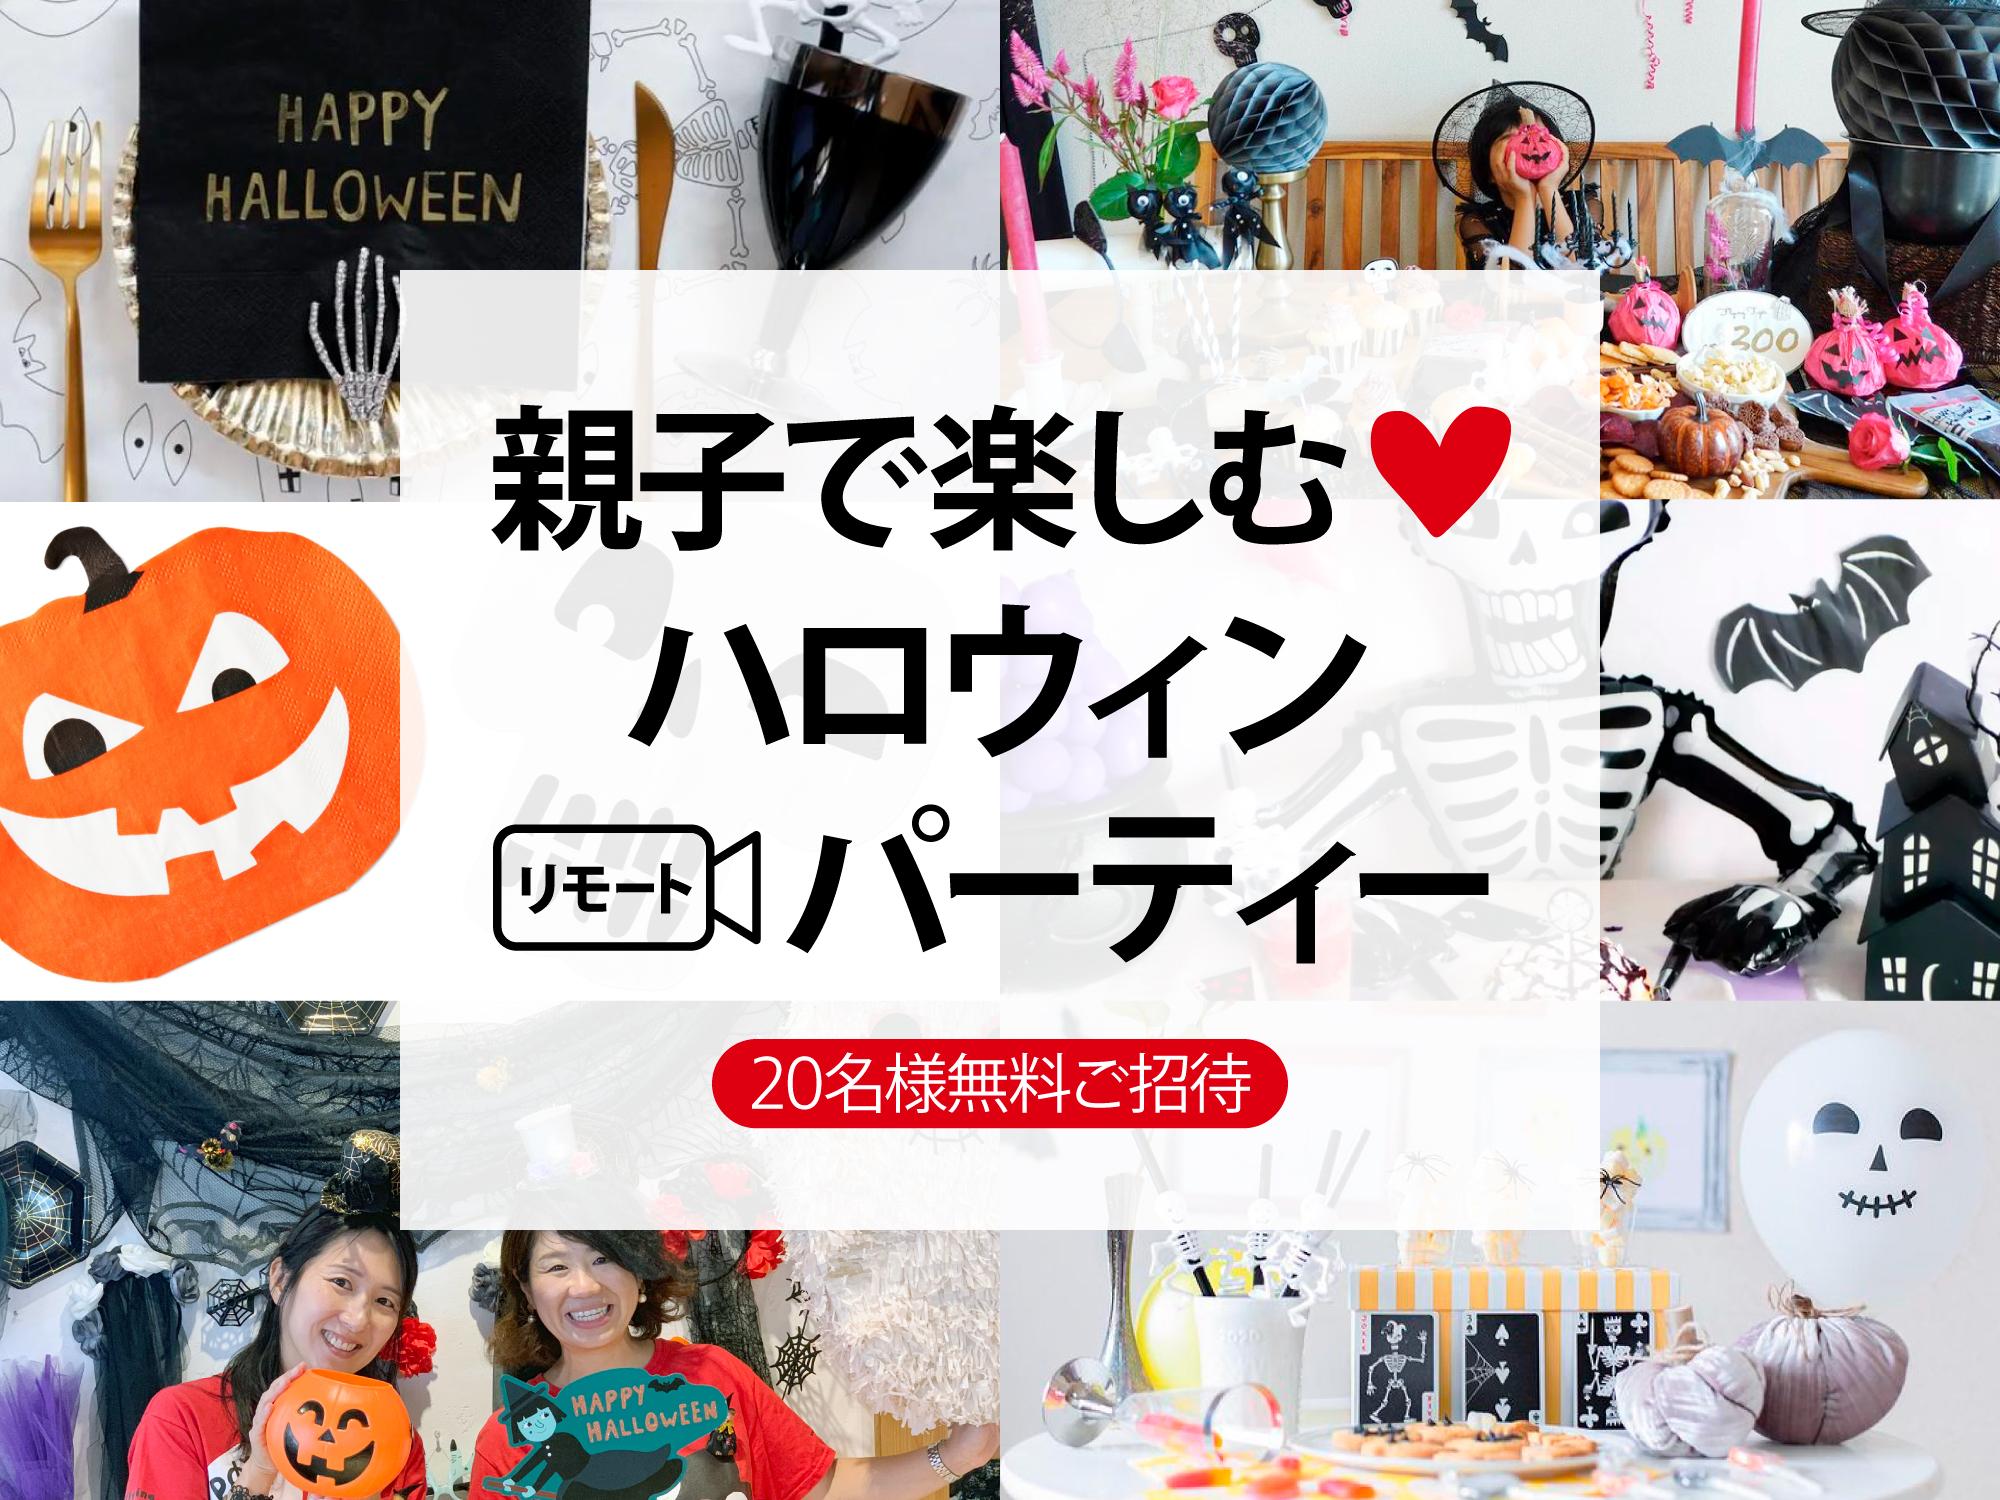 <部活限定>ハロウィンリモートパーティー開催!